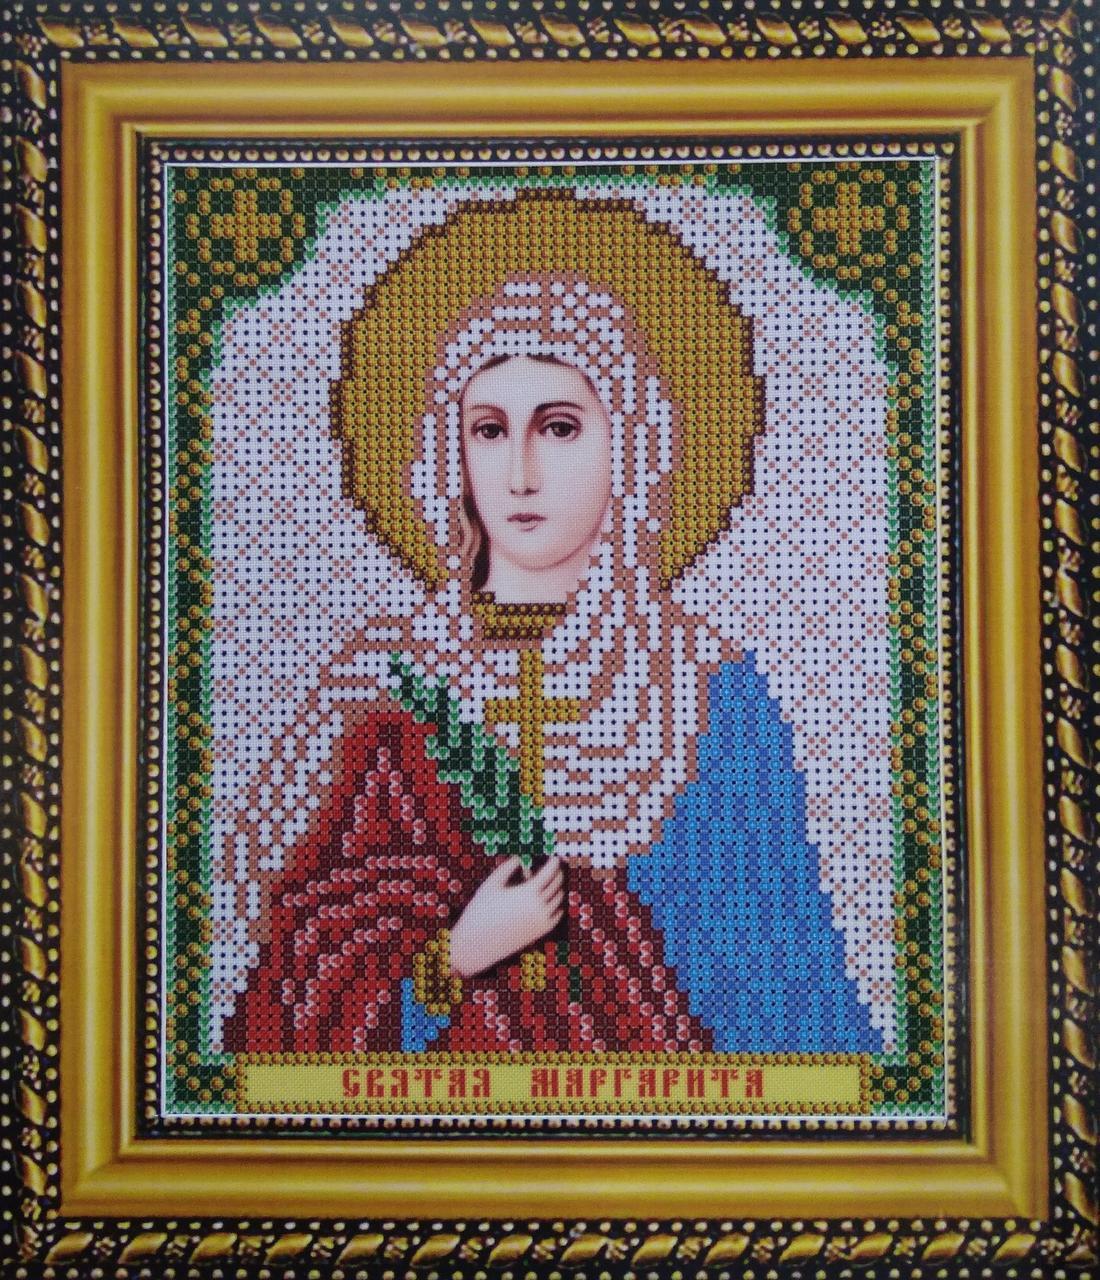 Набор для вышивки бисером ArtWork икона Святая Маргарита VIA 5097